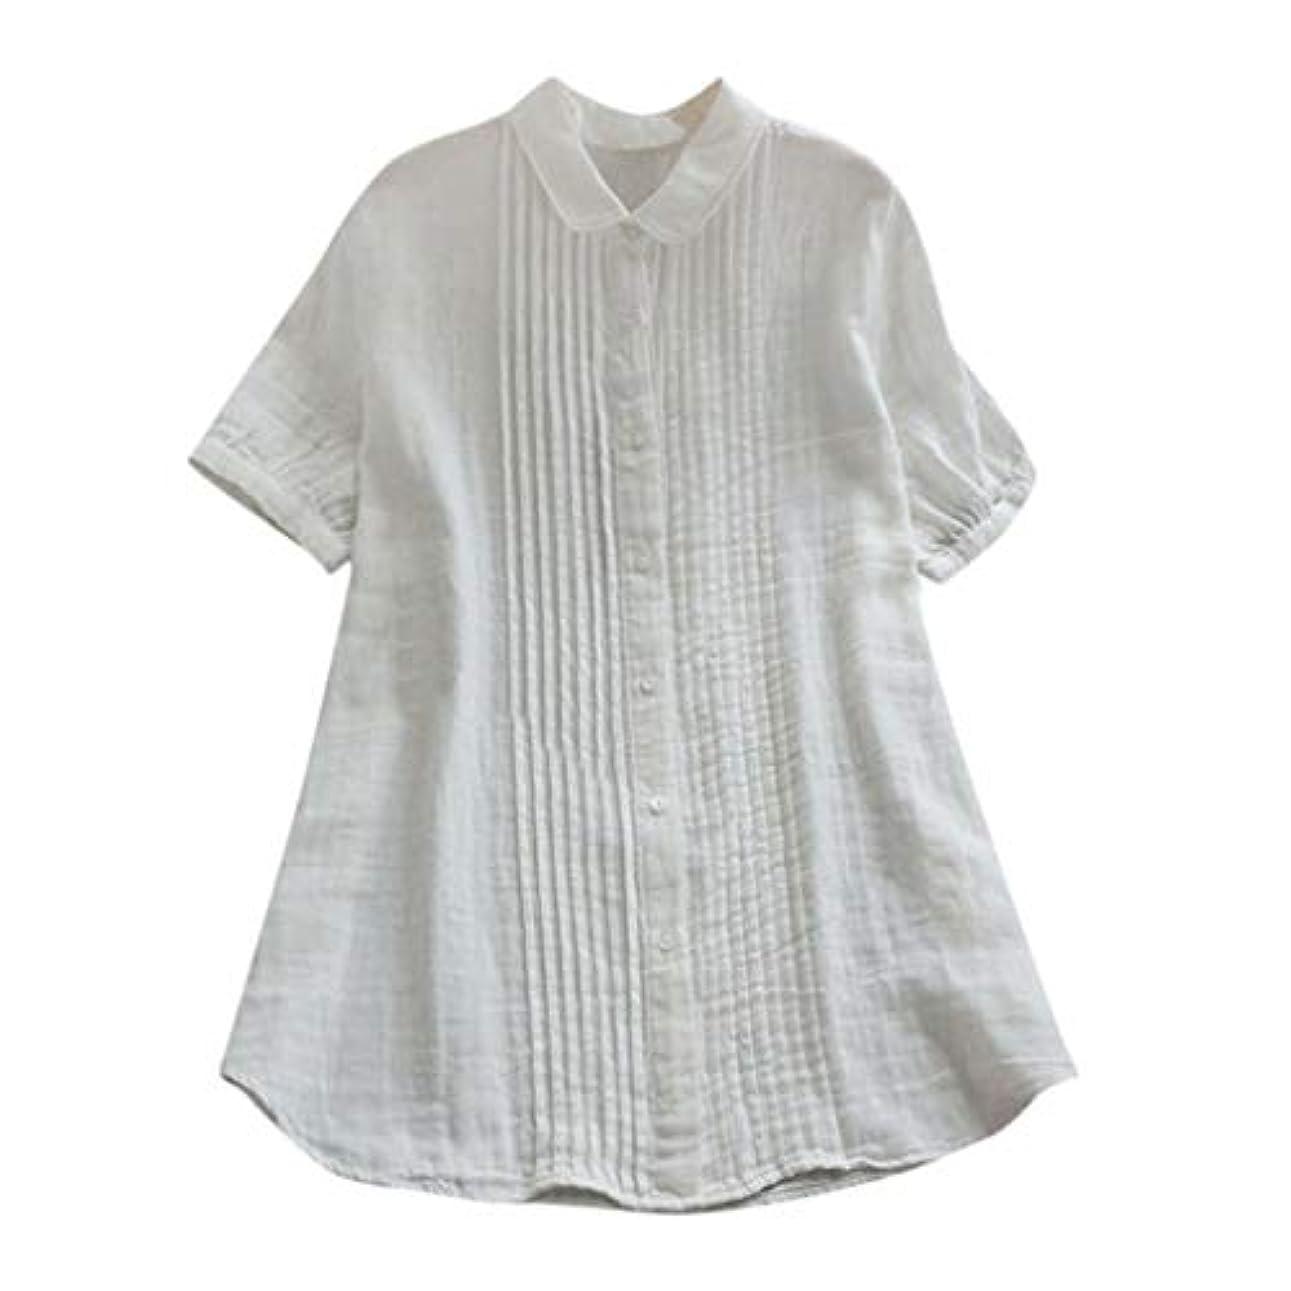 完全に乾くトランスミッション成り立つ女性の半袖Tシャツ - ピーターパンカラー夏緩い無地カジュアルダウントップスブラウス (白, L)